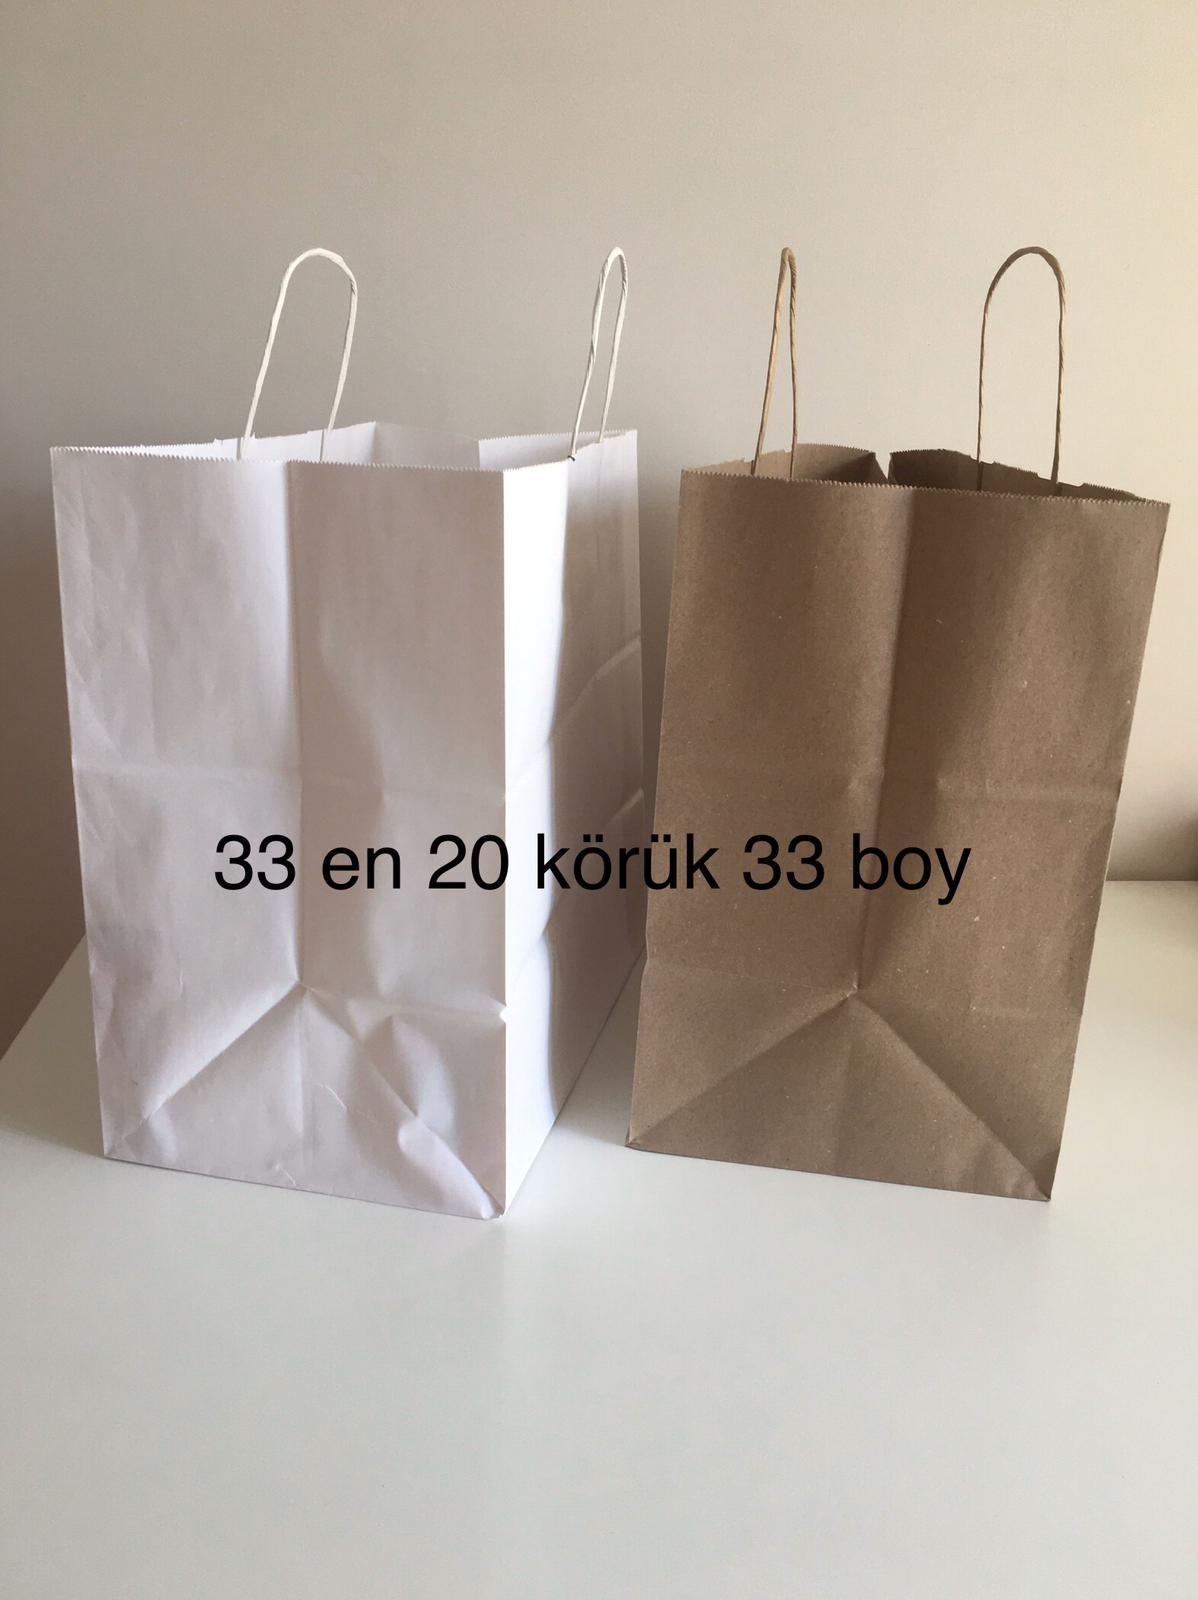 bcaa3ea9-3dd5-49fb-9654-40b867b12155